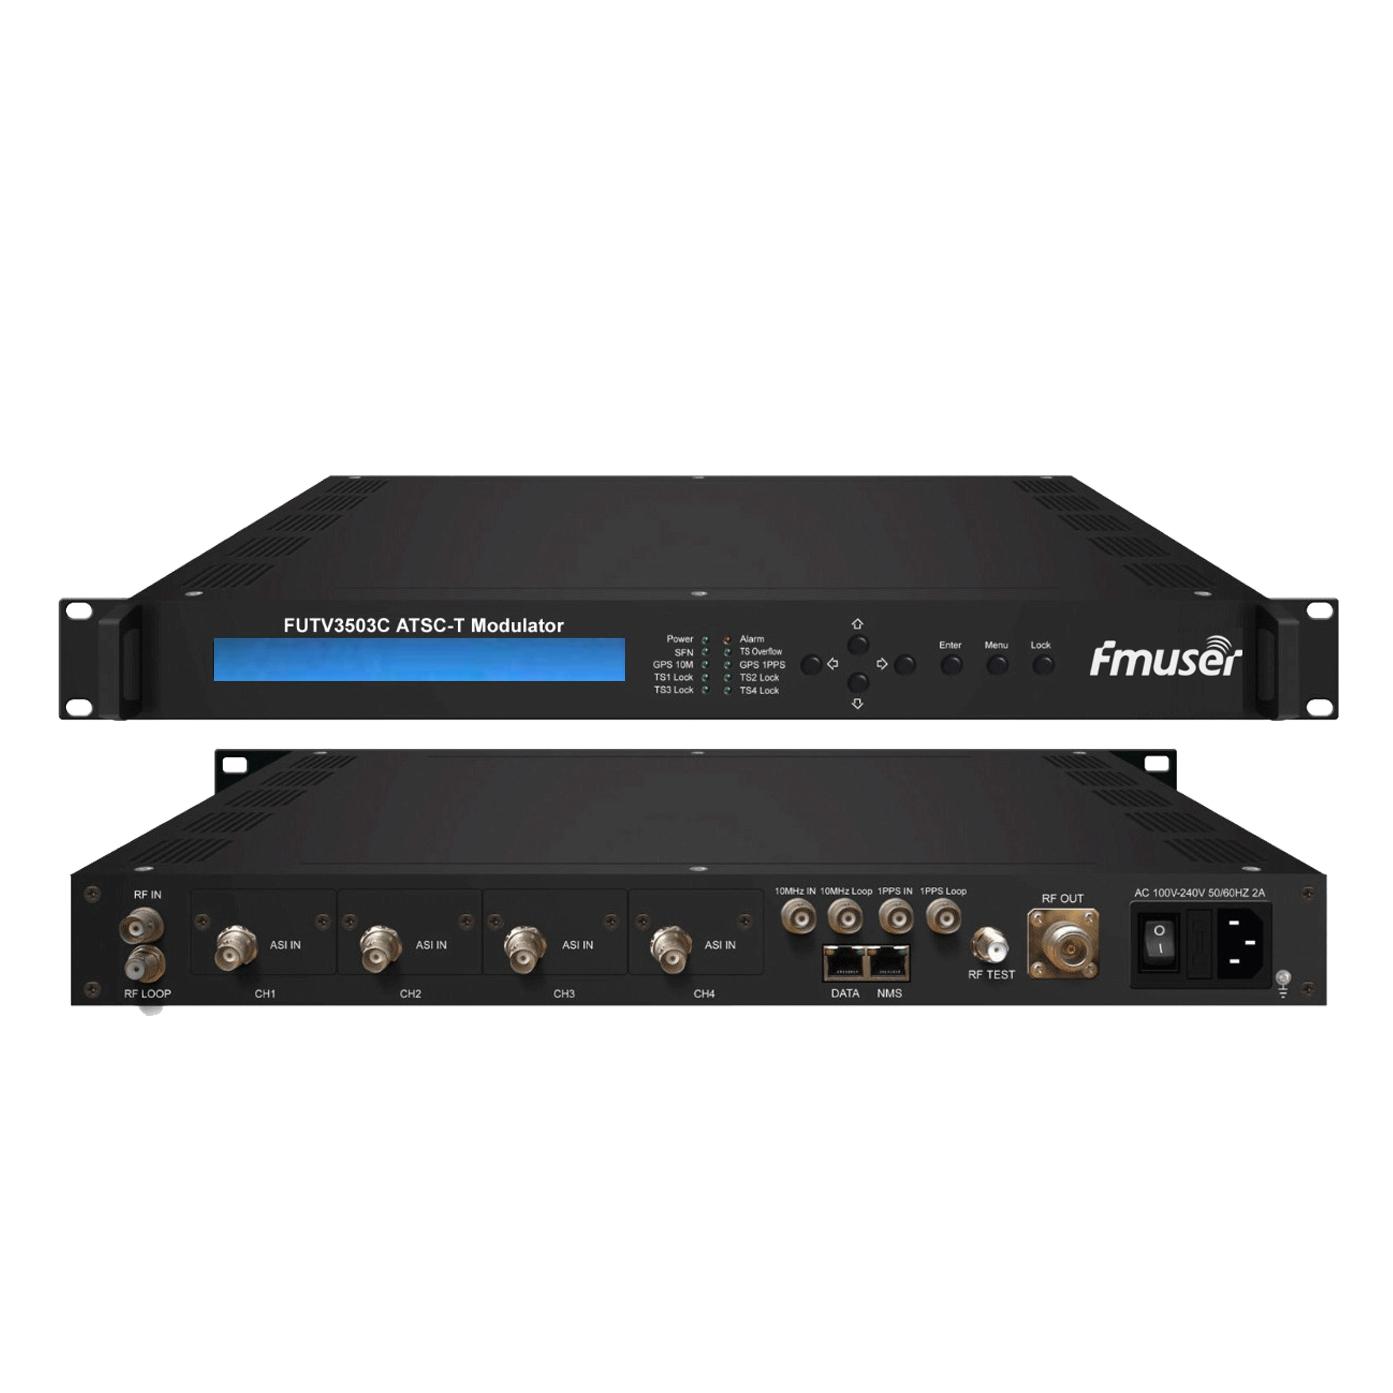 FMUSER FUTV3503C ATSC-T 8VSB אפנן 8-VSB אפנון RF (2 * אסי / 2 * SMPTE 310M קלט, RF ontput, אפנון ATSC 8VSB) עם ניהול רשת